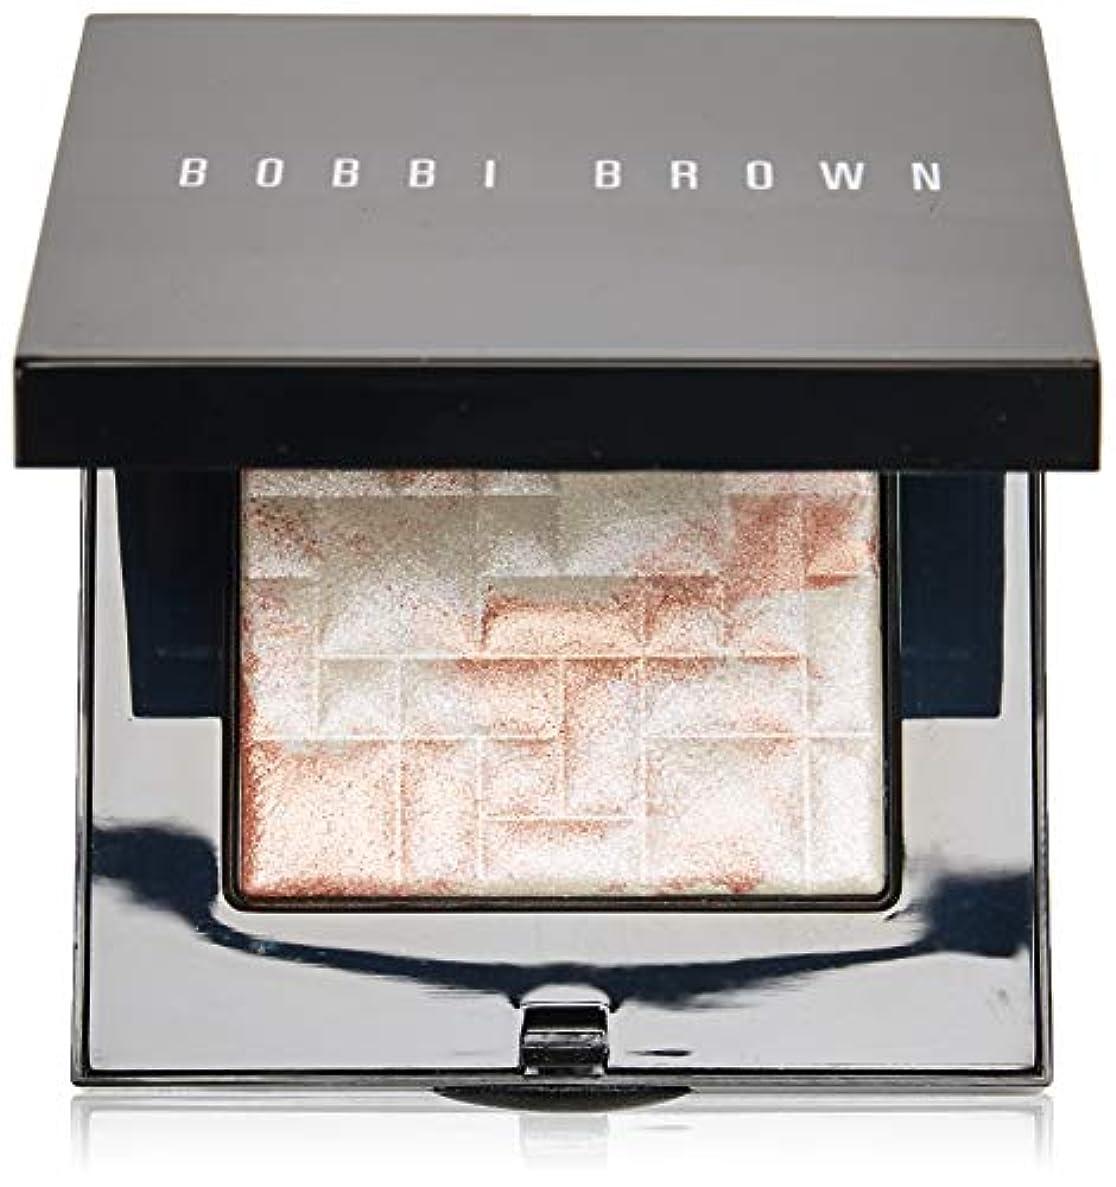 ガード感じ良心的ボビィブラウン(ボビー ブラウン) ハイライティング パウダー # Pink Glow